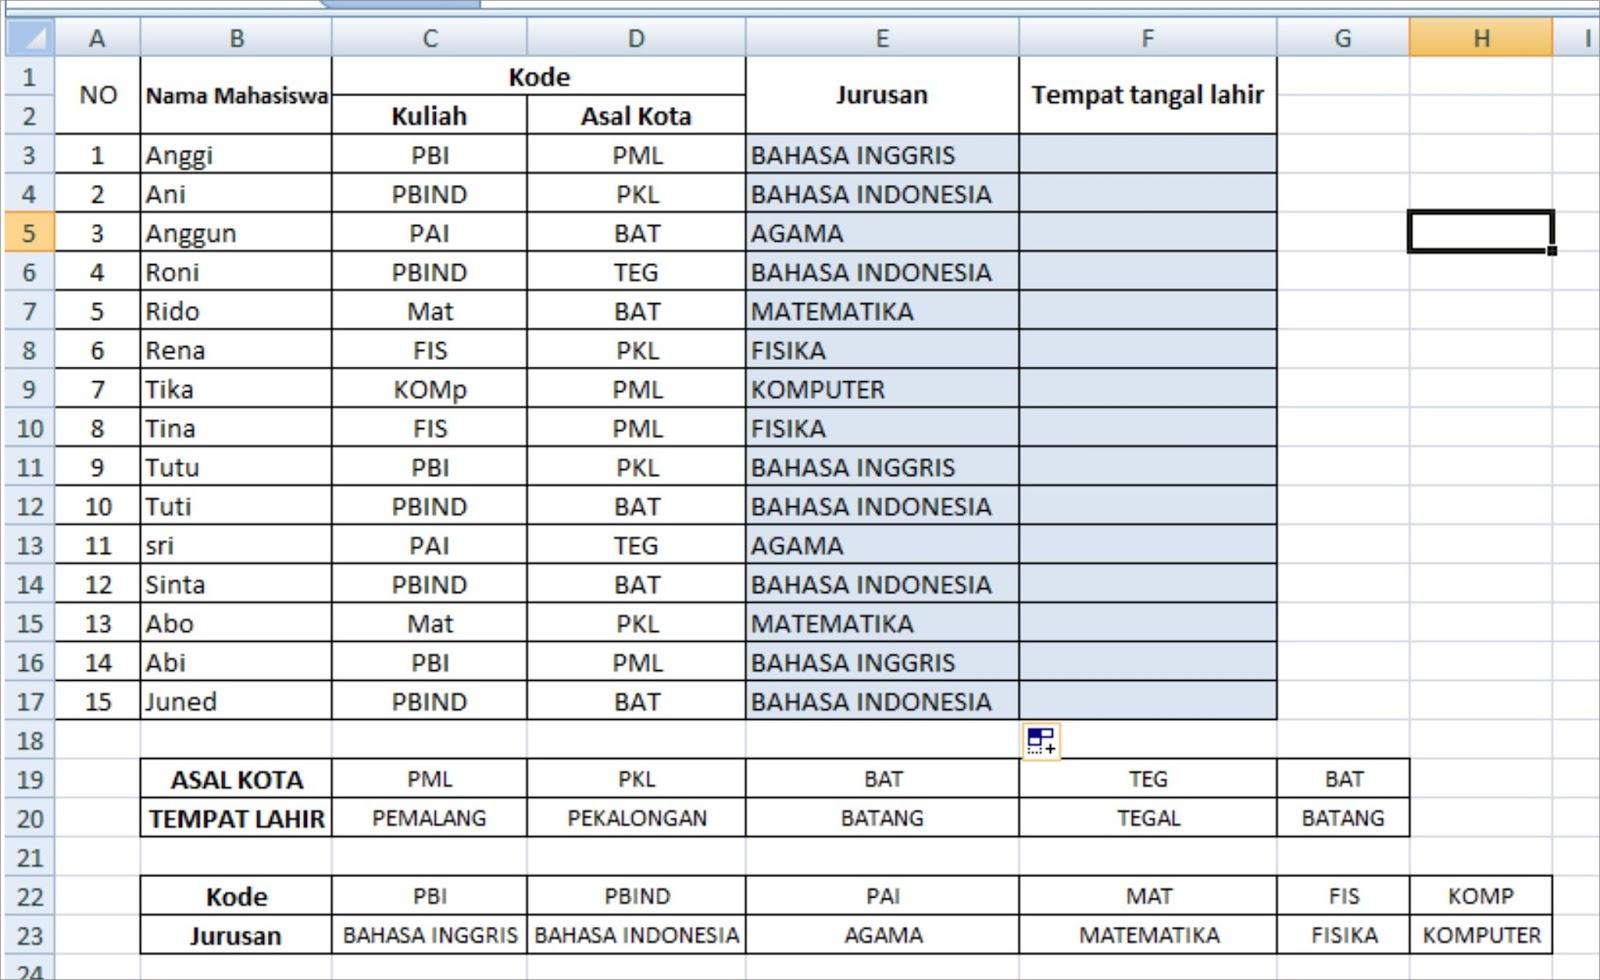 fungsi HLOOKUP dalam Microsoft Excel | Belajar Microsoft ...